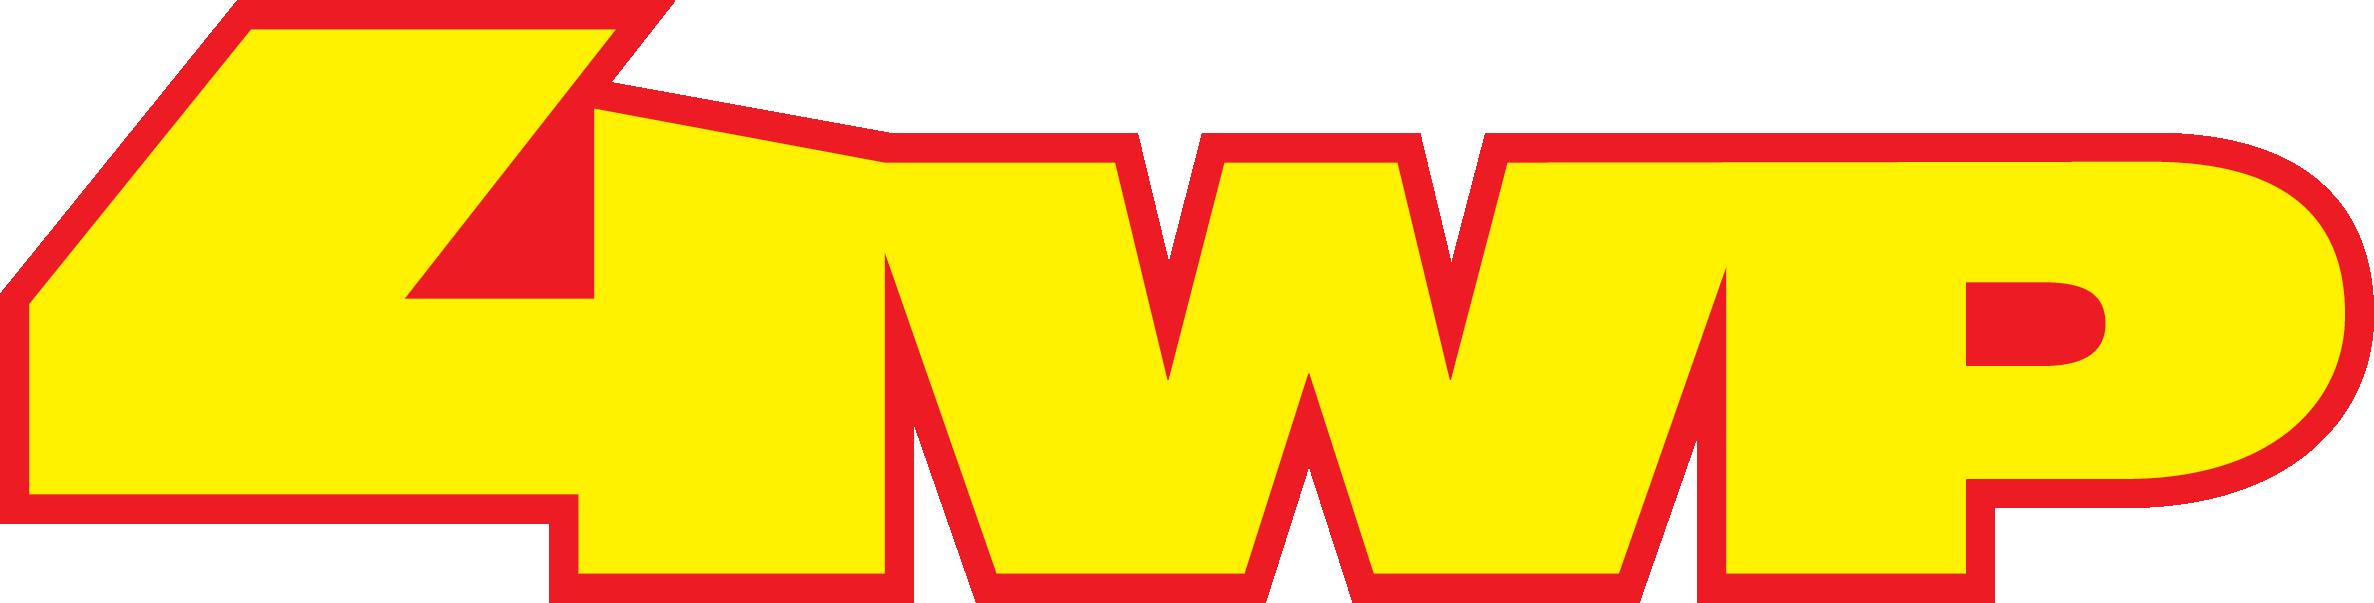 4wp - 4 Wheel Parts logo